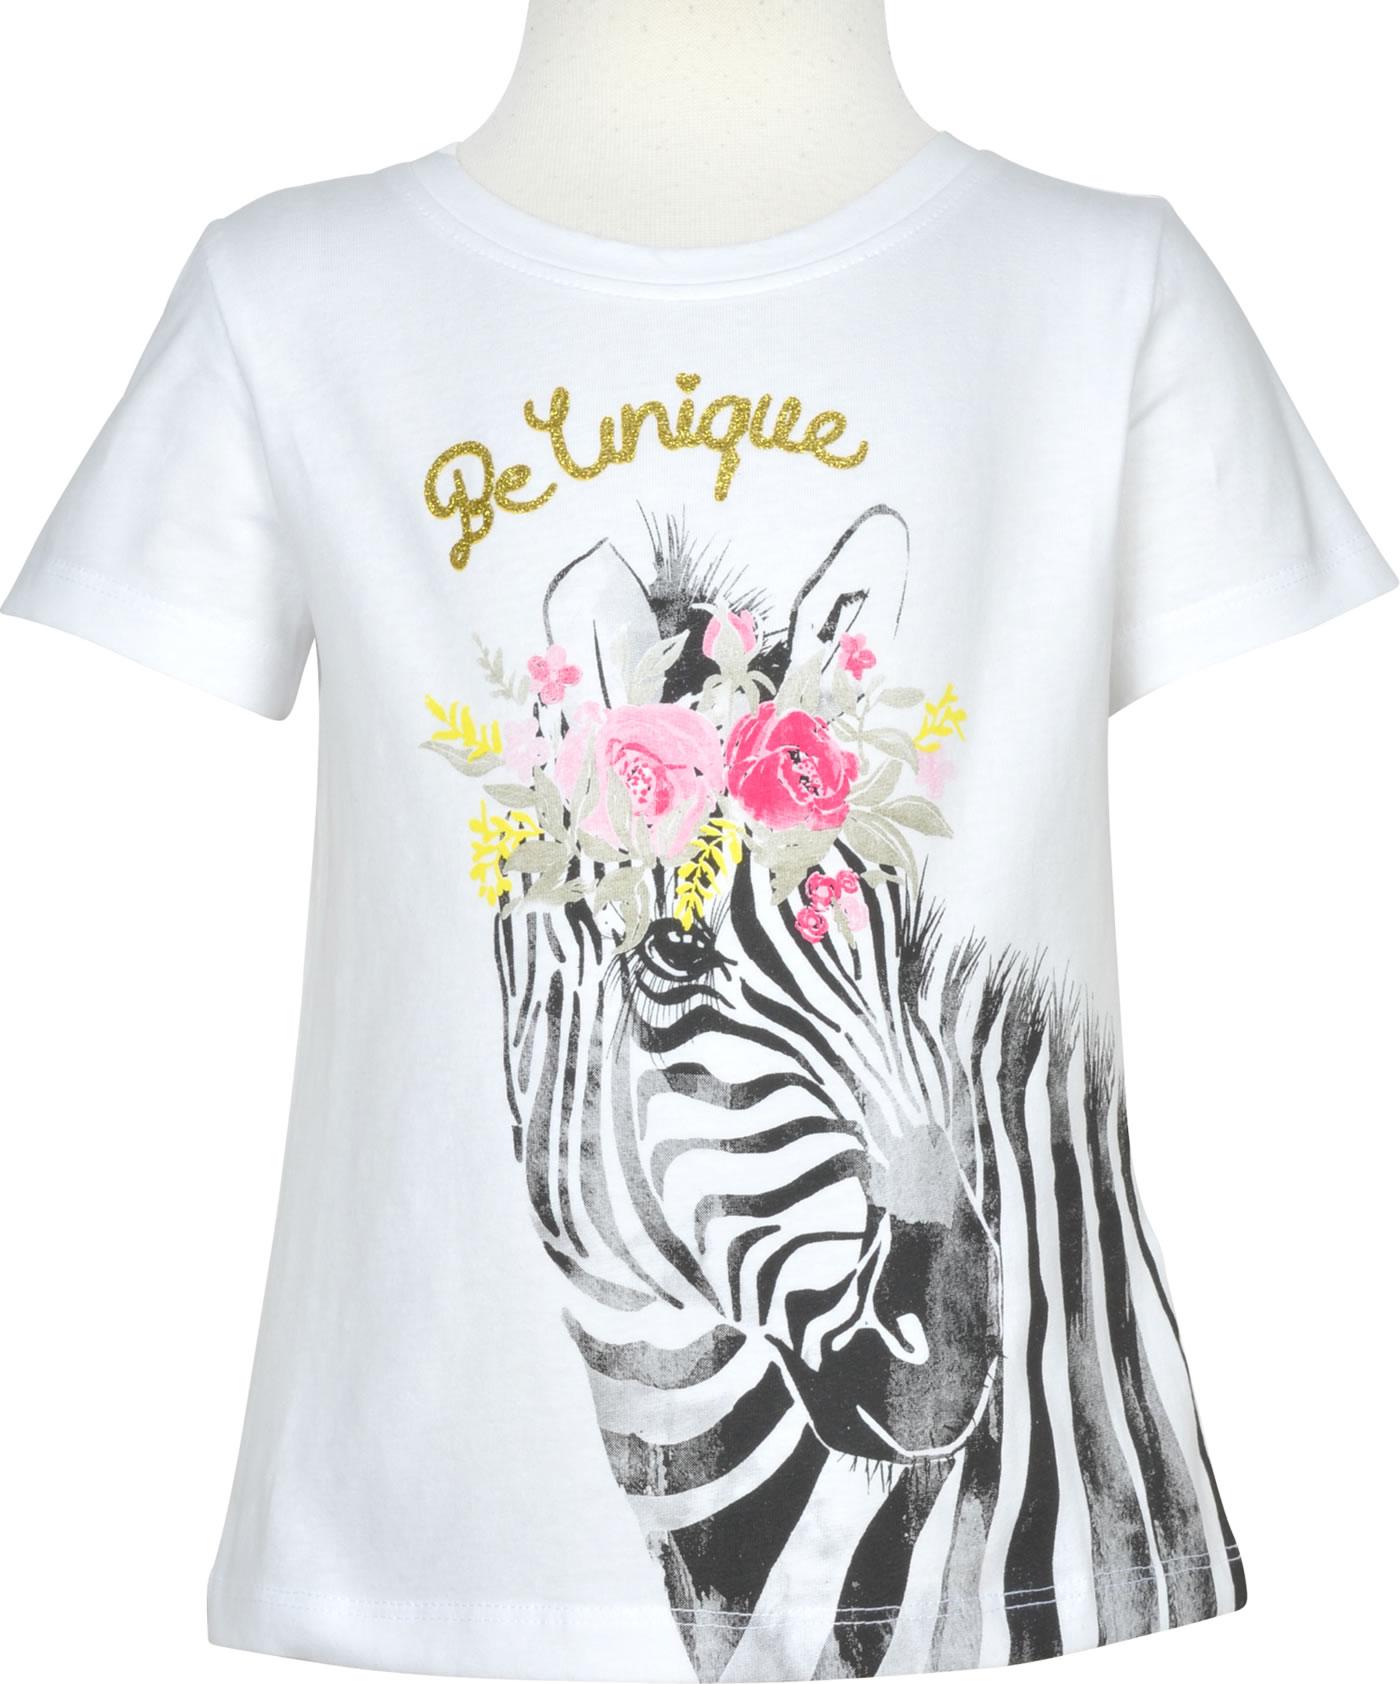 92-128 NMFZALLU SS TOP SUN Farbwechsel Name it Mädchen T-Shirt weiß kurzarm Gr